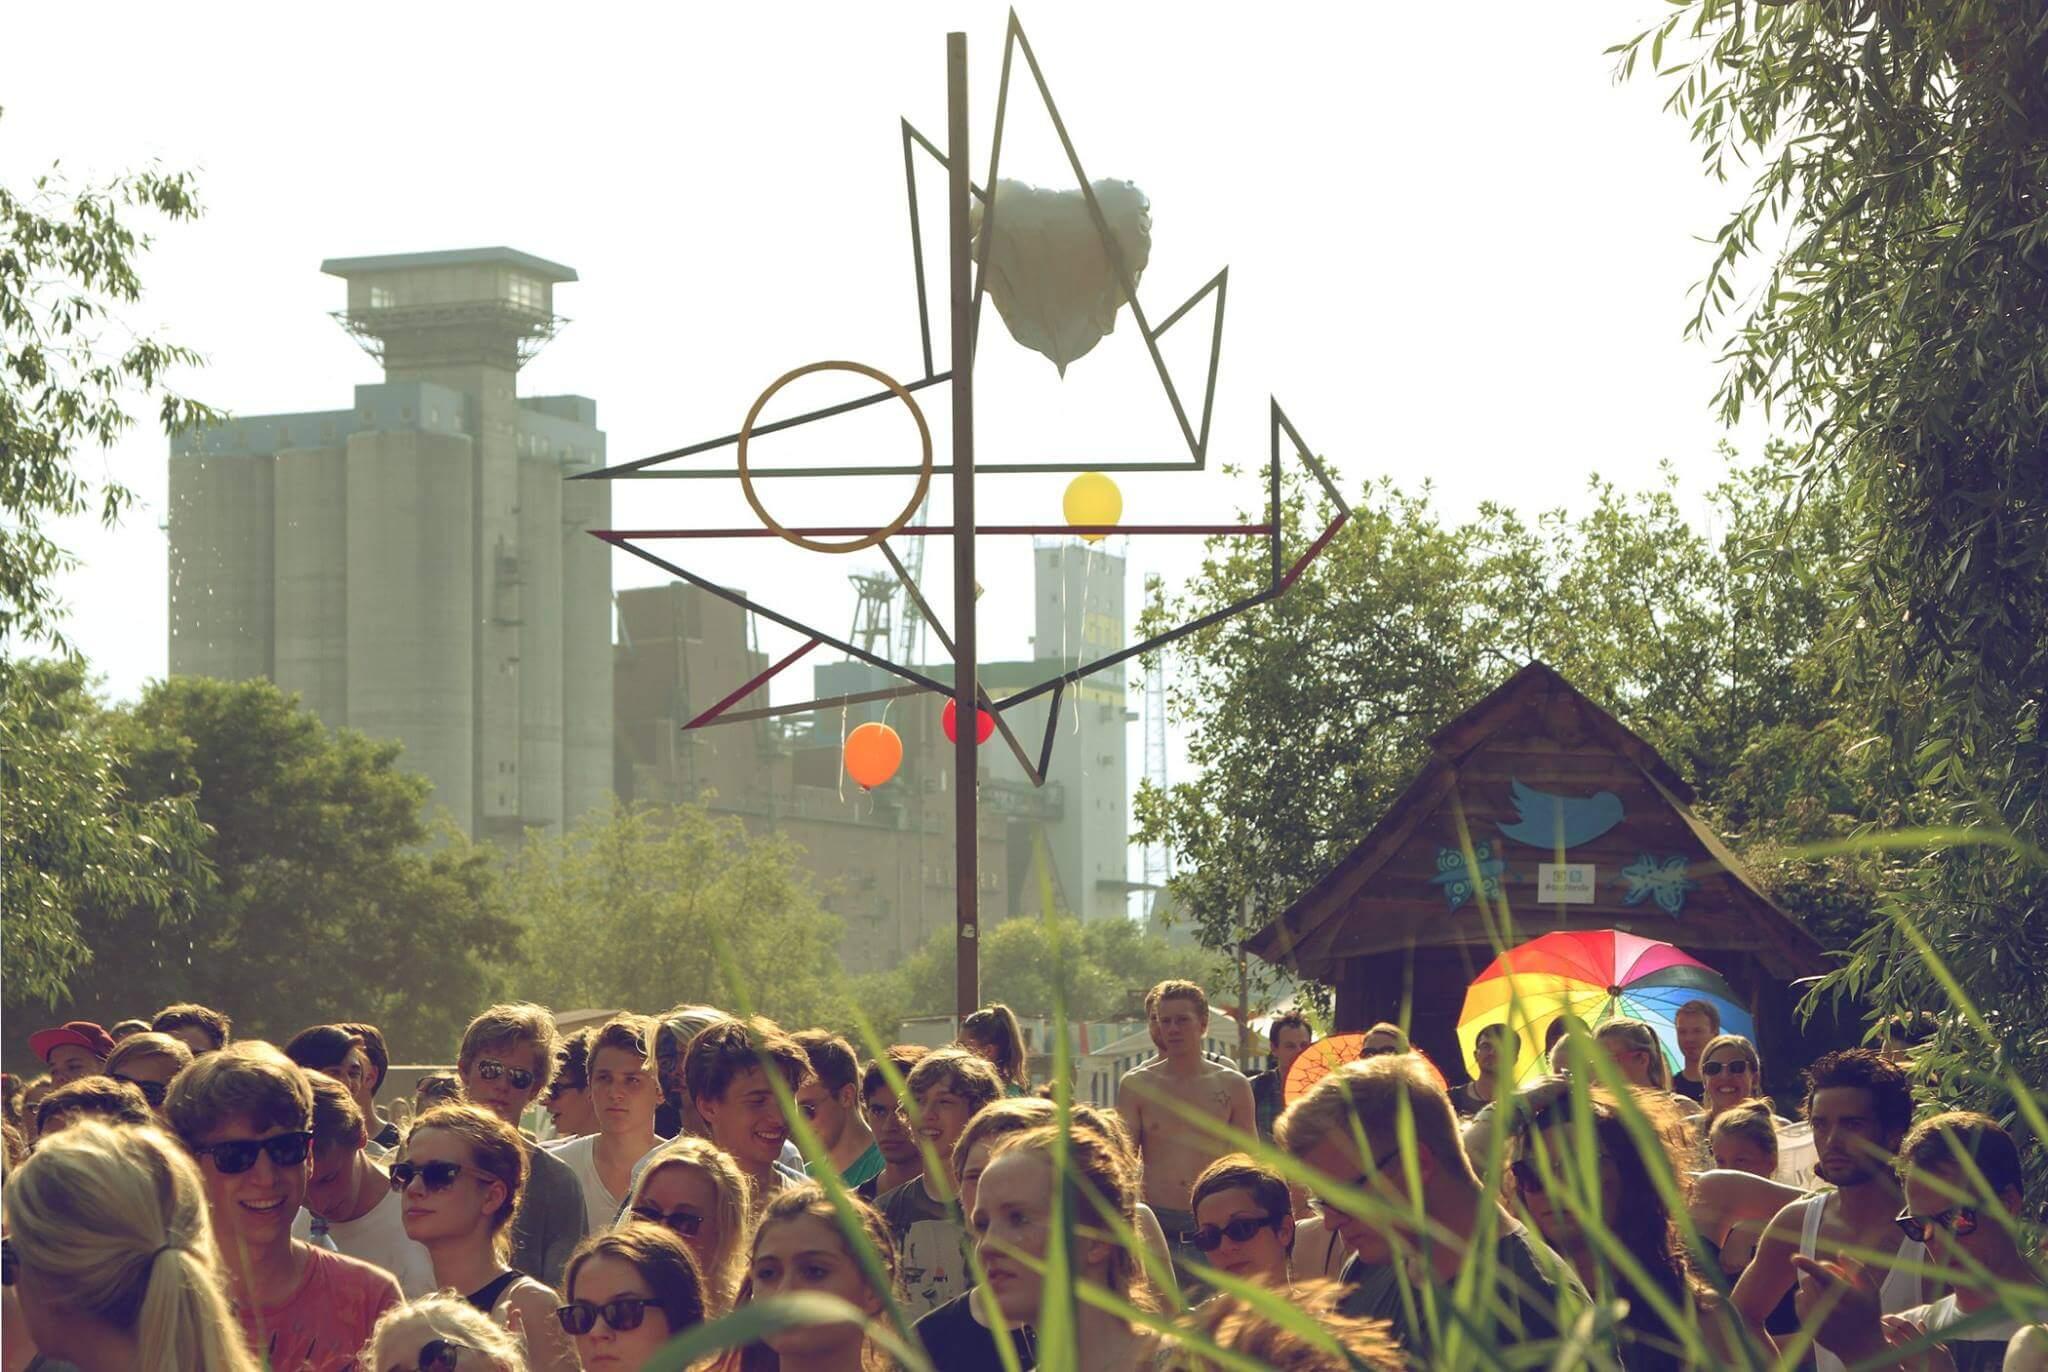 Das Daughterville Festival hat ein feines Line Up an den Start gebracht! Jetzt fehlst nur noch du!